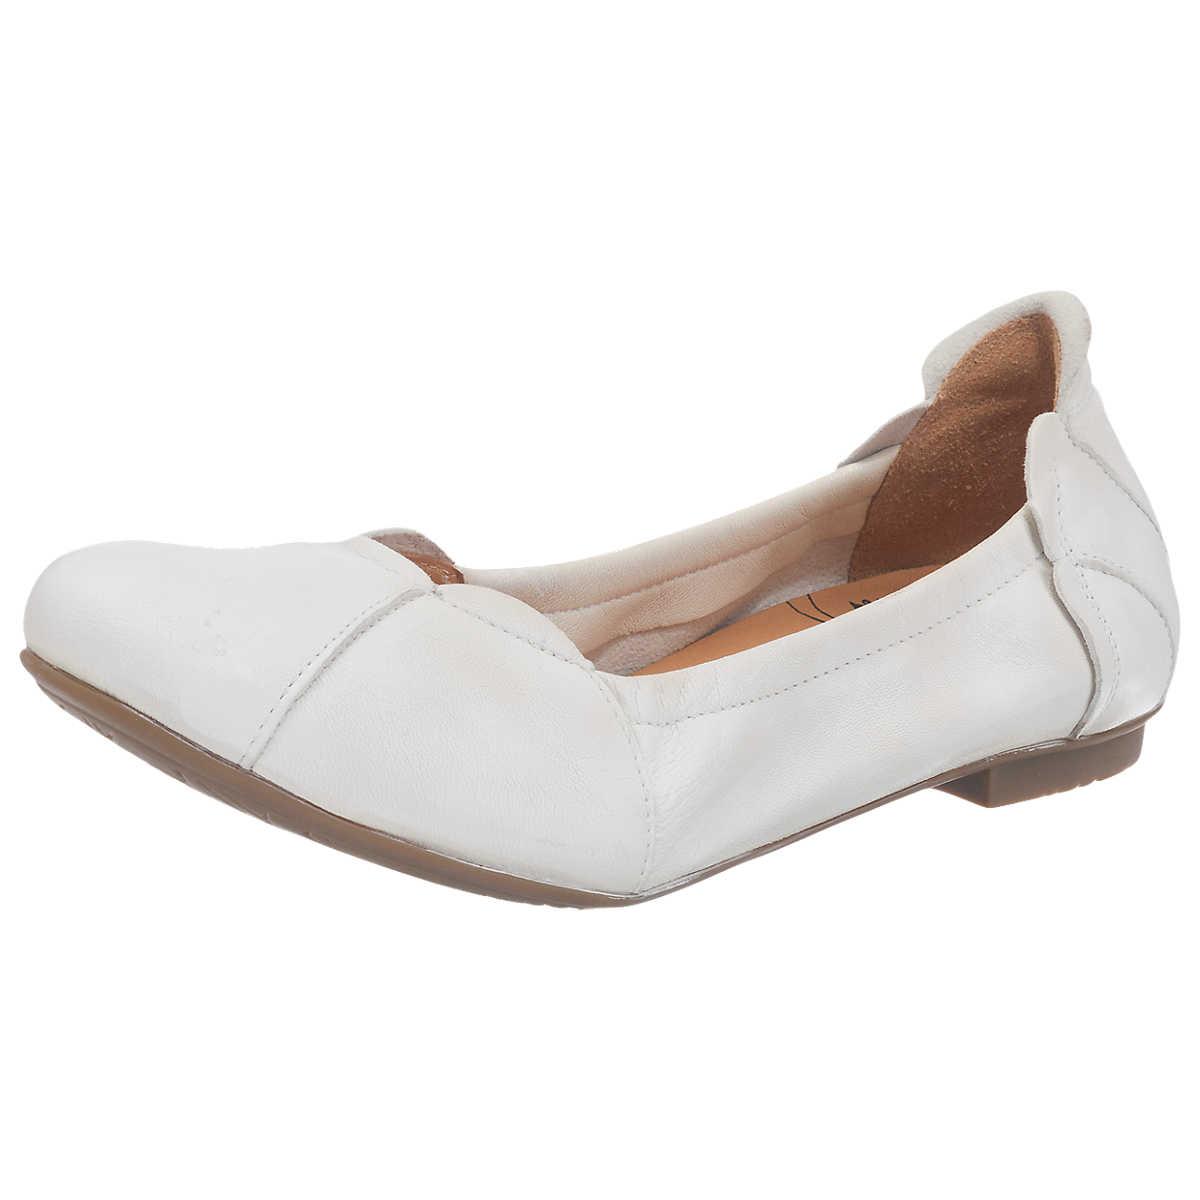 Think! BALLA Ballerinas beige - Think! - Ballerinas - Schuhe - mirapodo.de